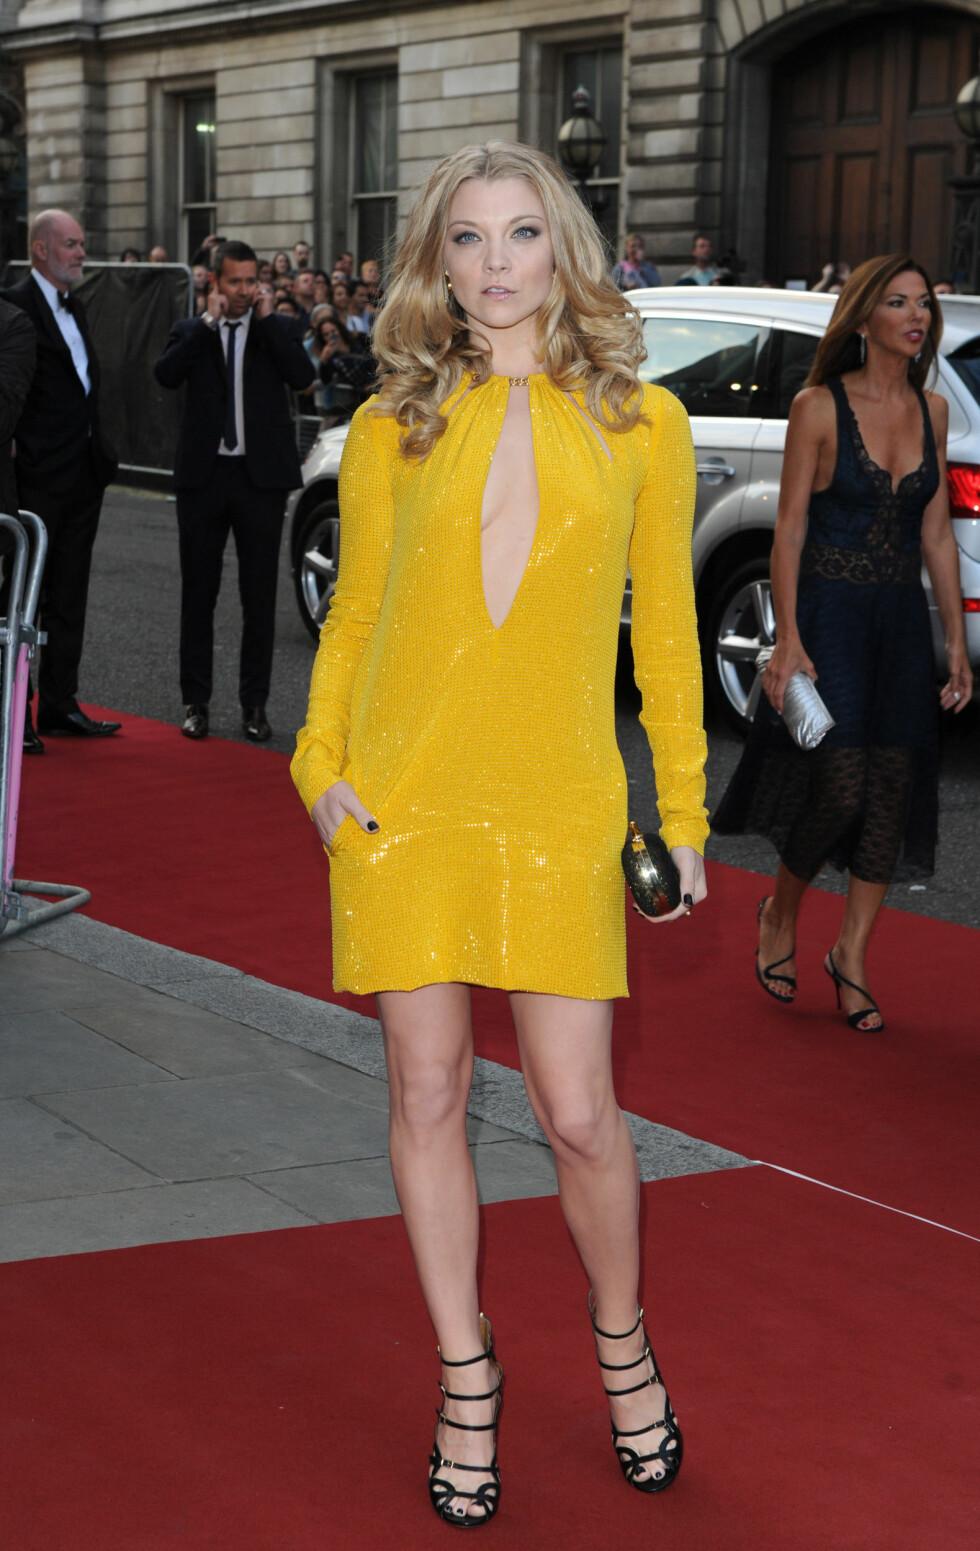 FARGERIK: Den britiske skuespilleren Natalie Dormer var blant de få som gikk for et svært fargerikt antrekk - men også hun viste litt hud med en nøkkelhullsutringning.  Foto: Stella Pictures